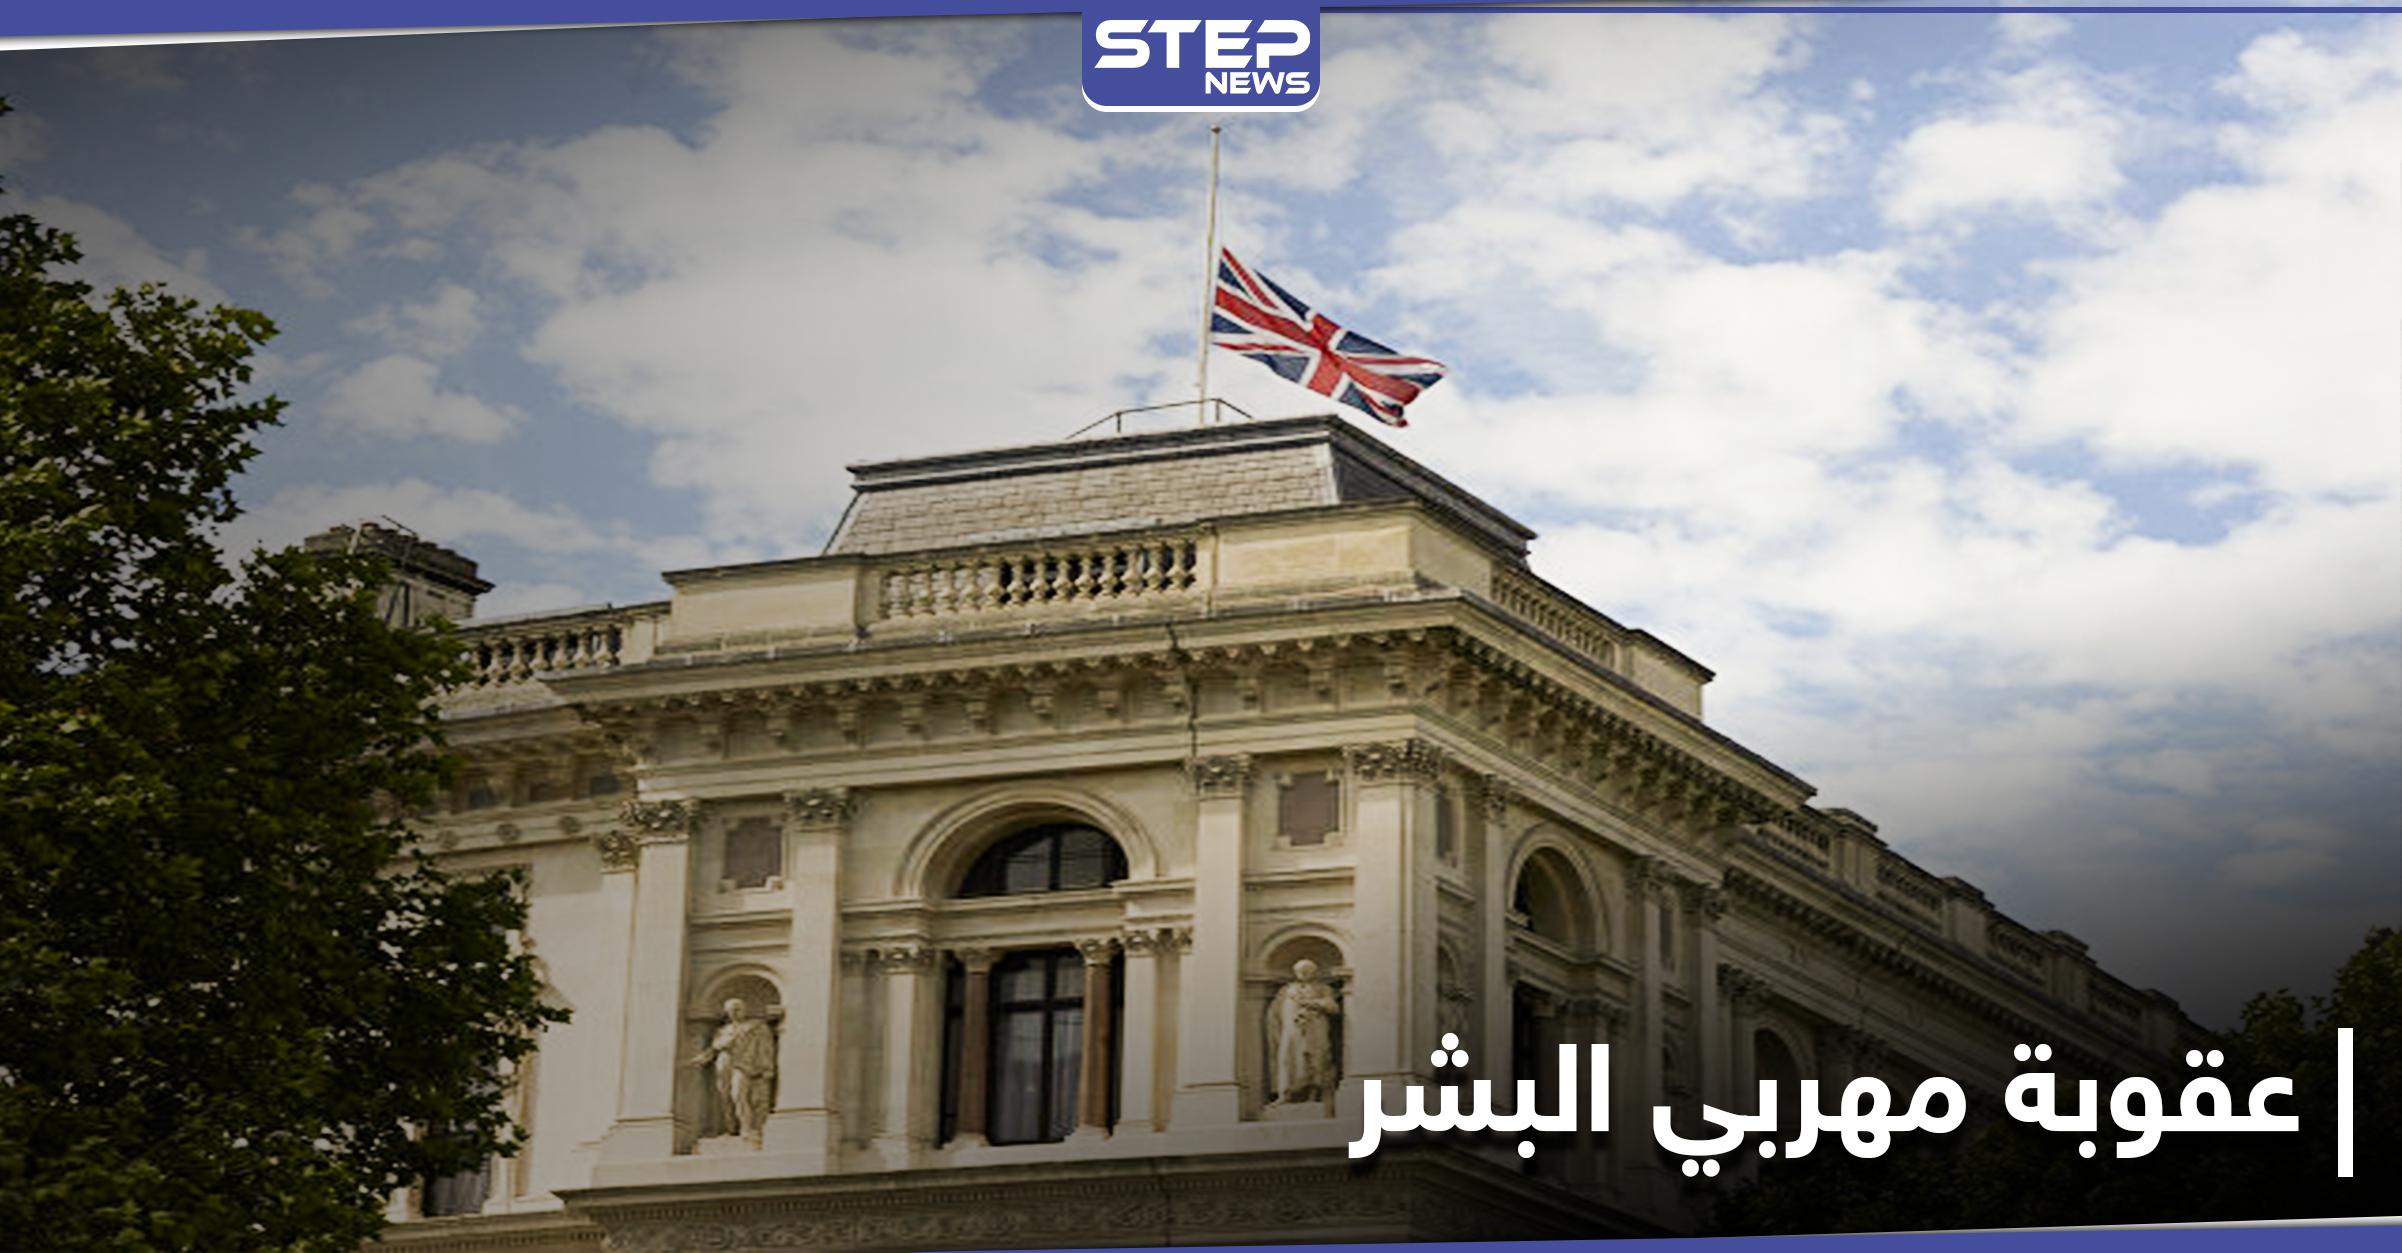 السجن مدى الحياة.. مساعي تبذلها الداخلية البريطانية لرفع عقوبة مهربي البشر